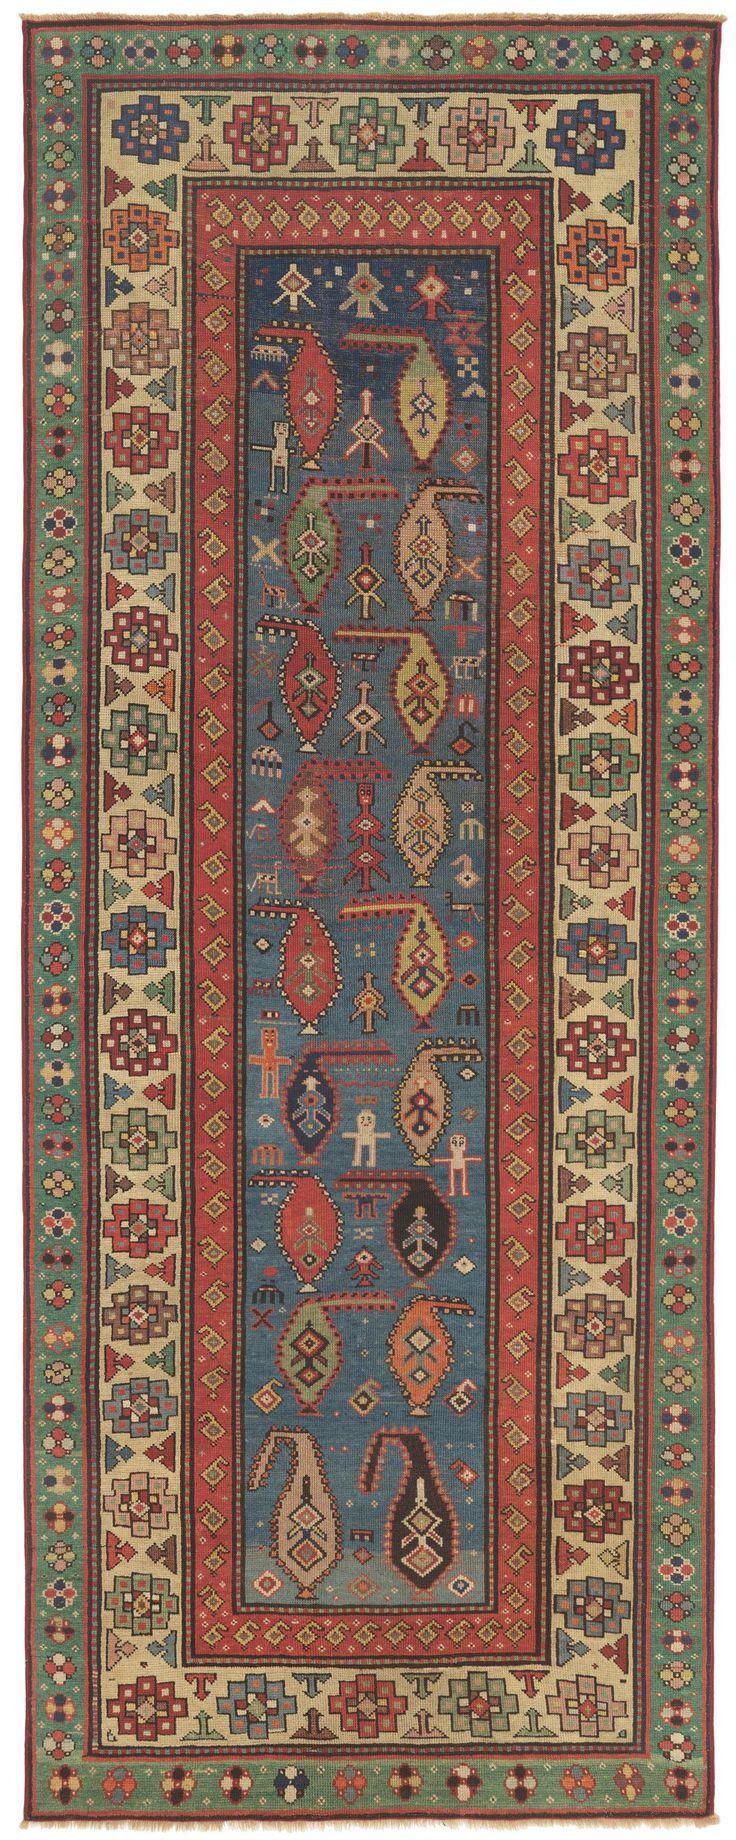 Rare Collectible Antique Carpet - Caucasian Saliani Art Rug